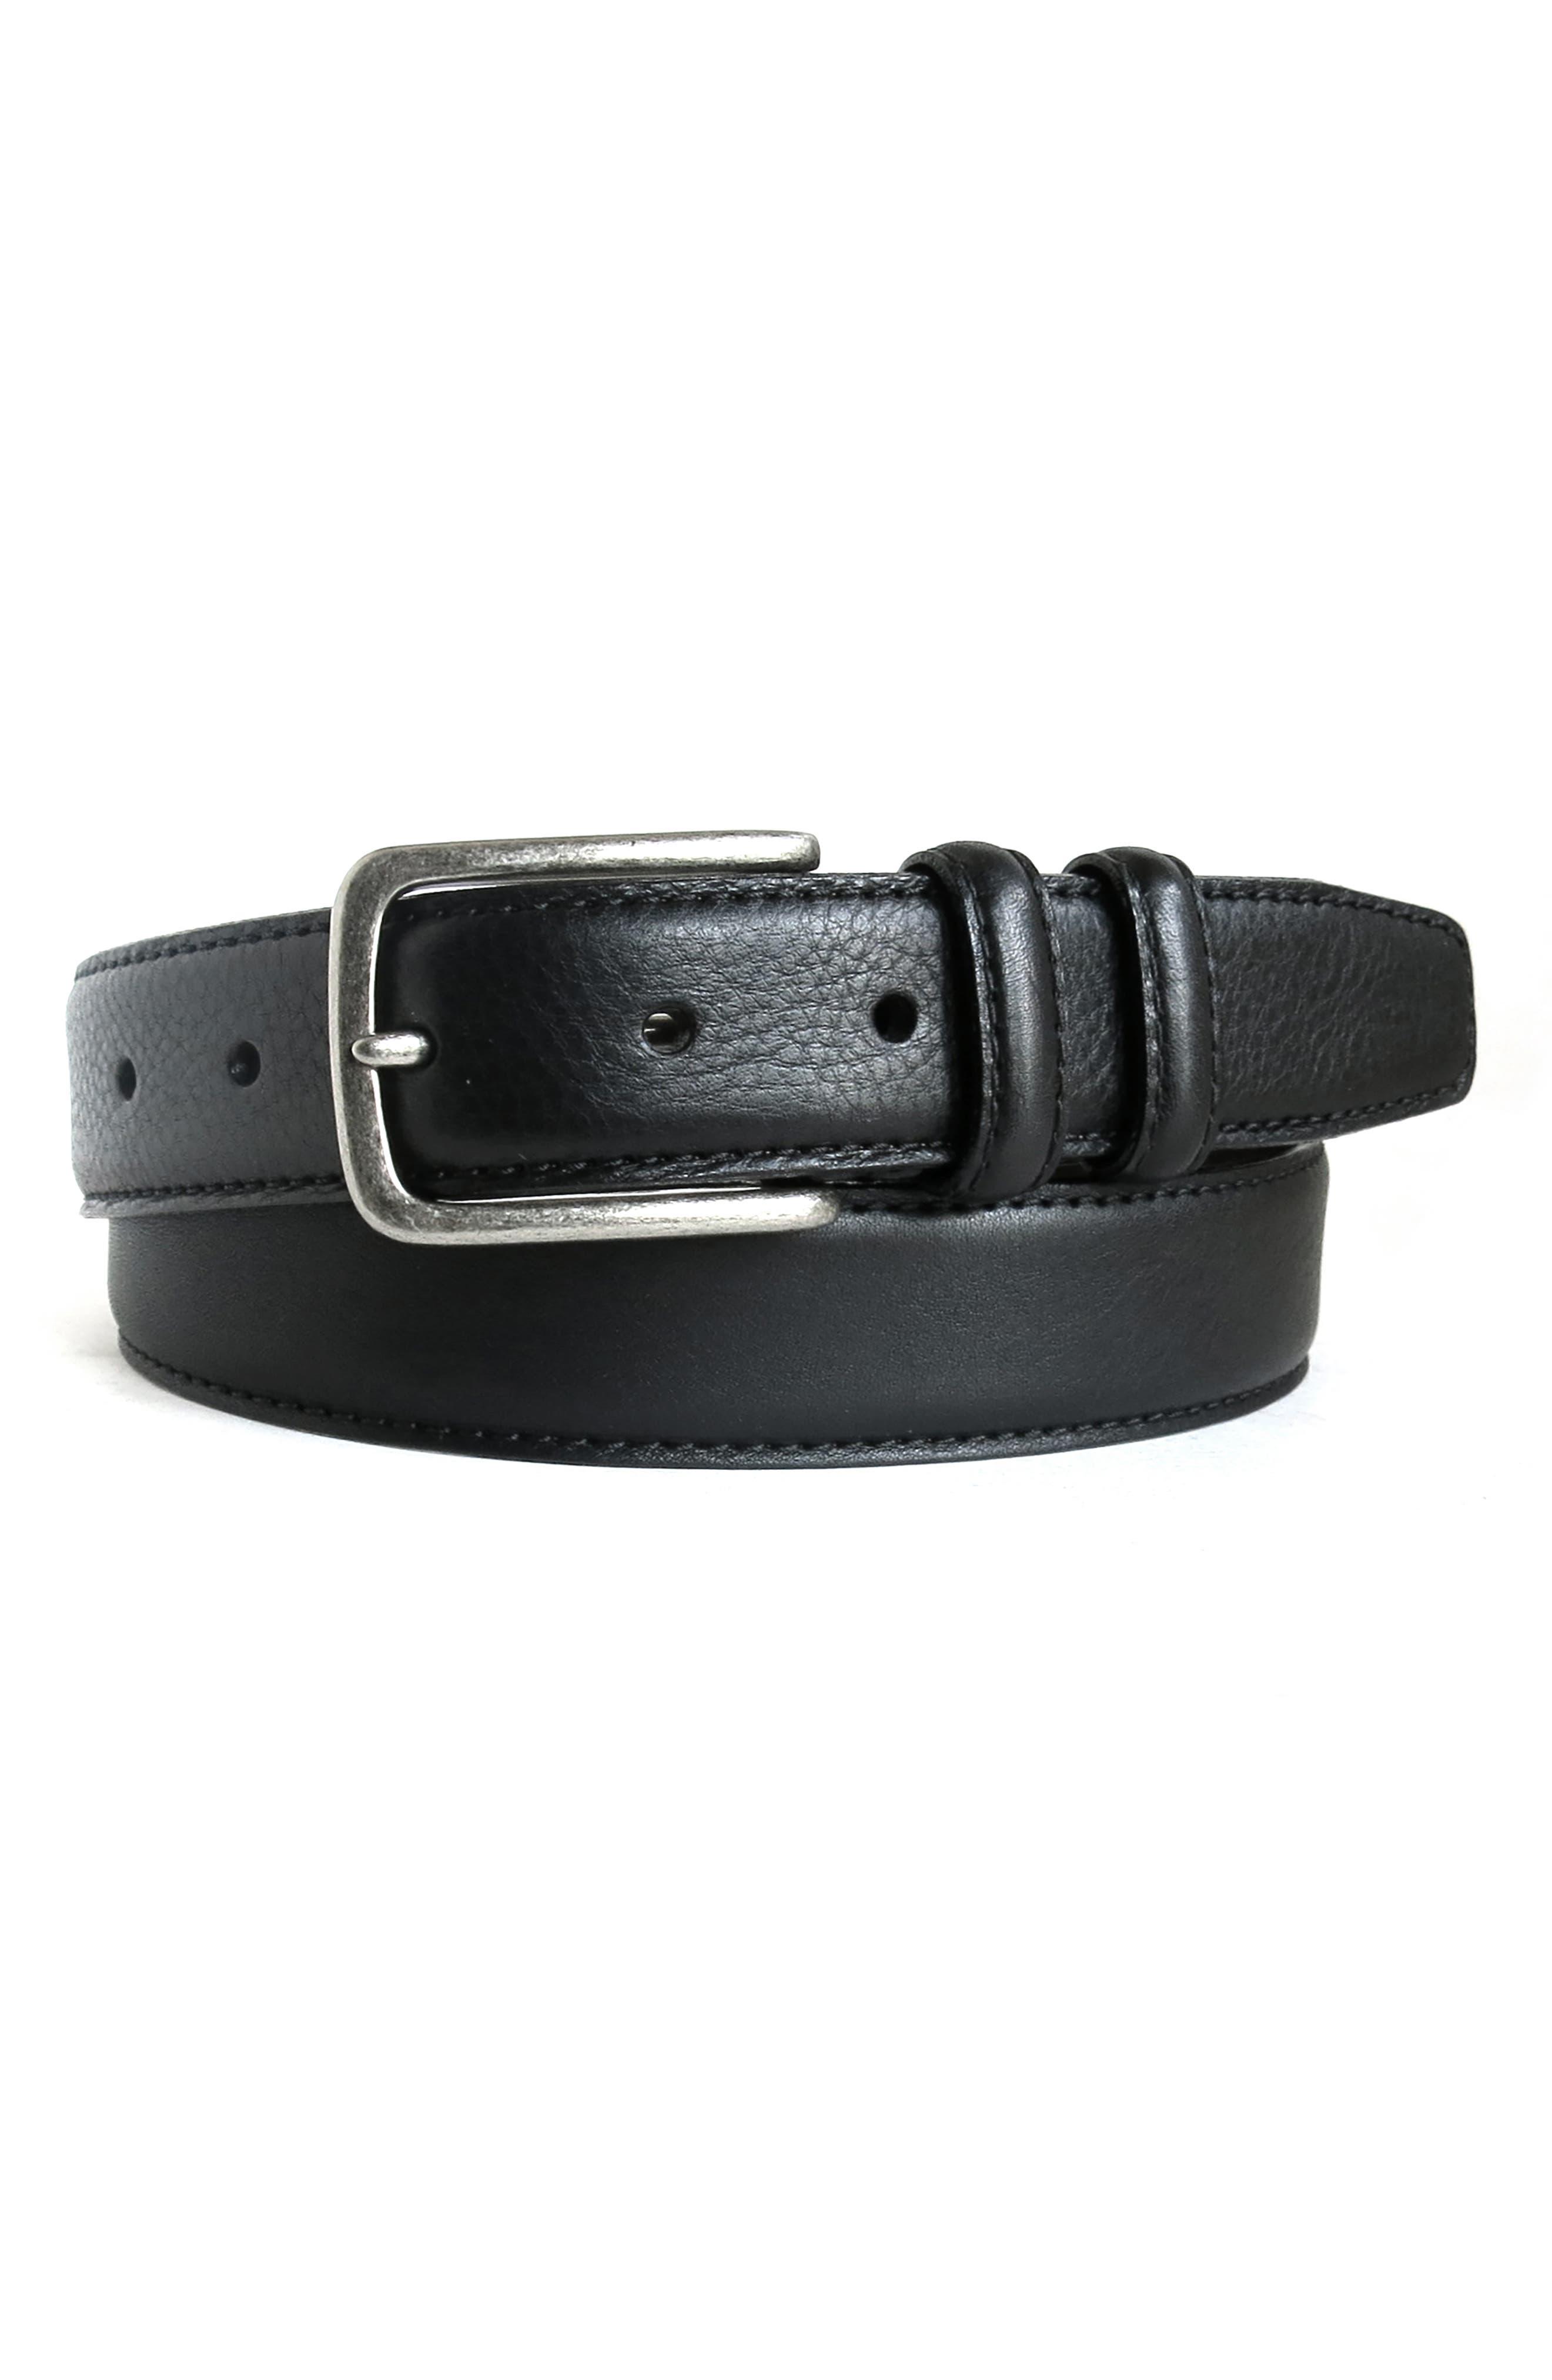 Clapton Leather Belt,                         Main,                         color, BLACK